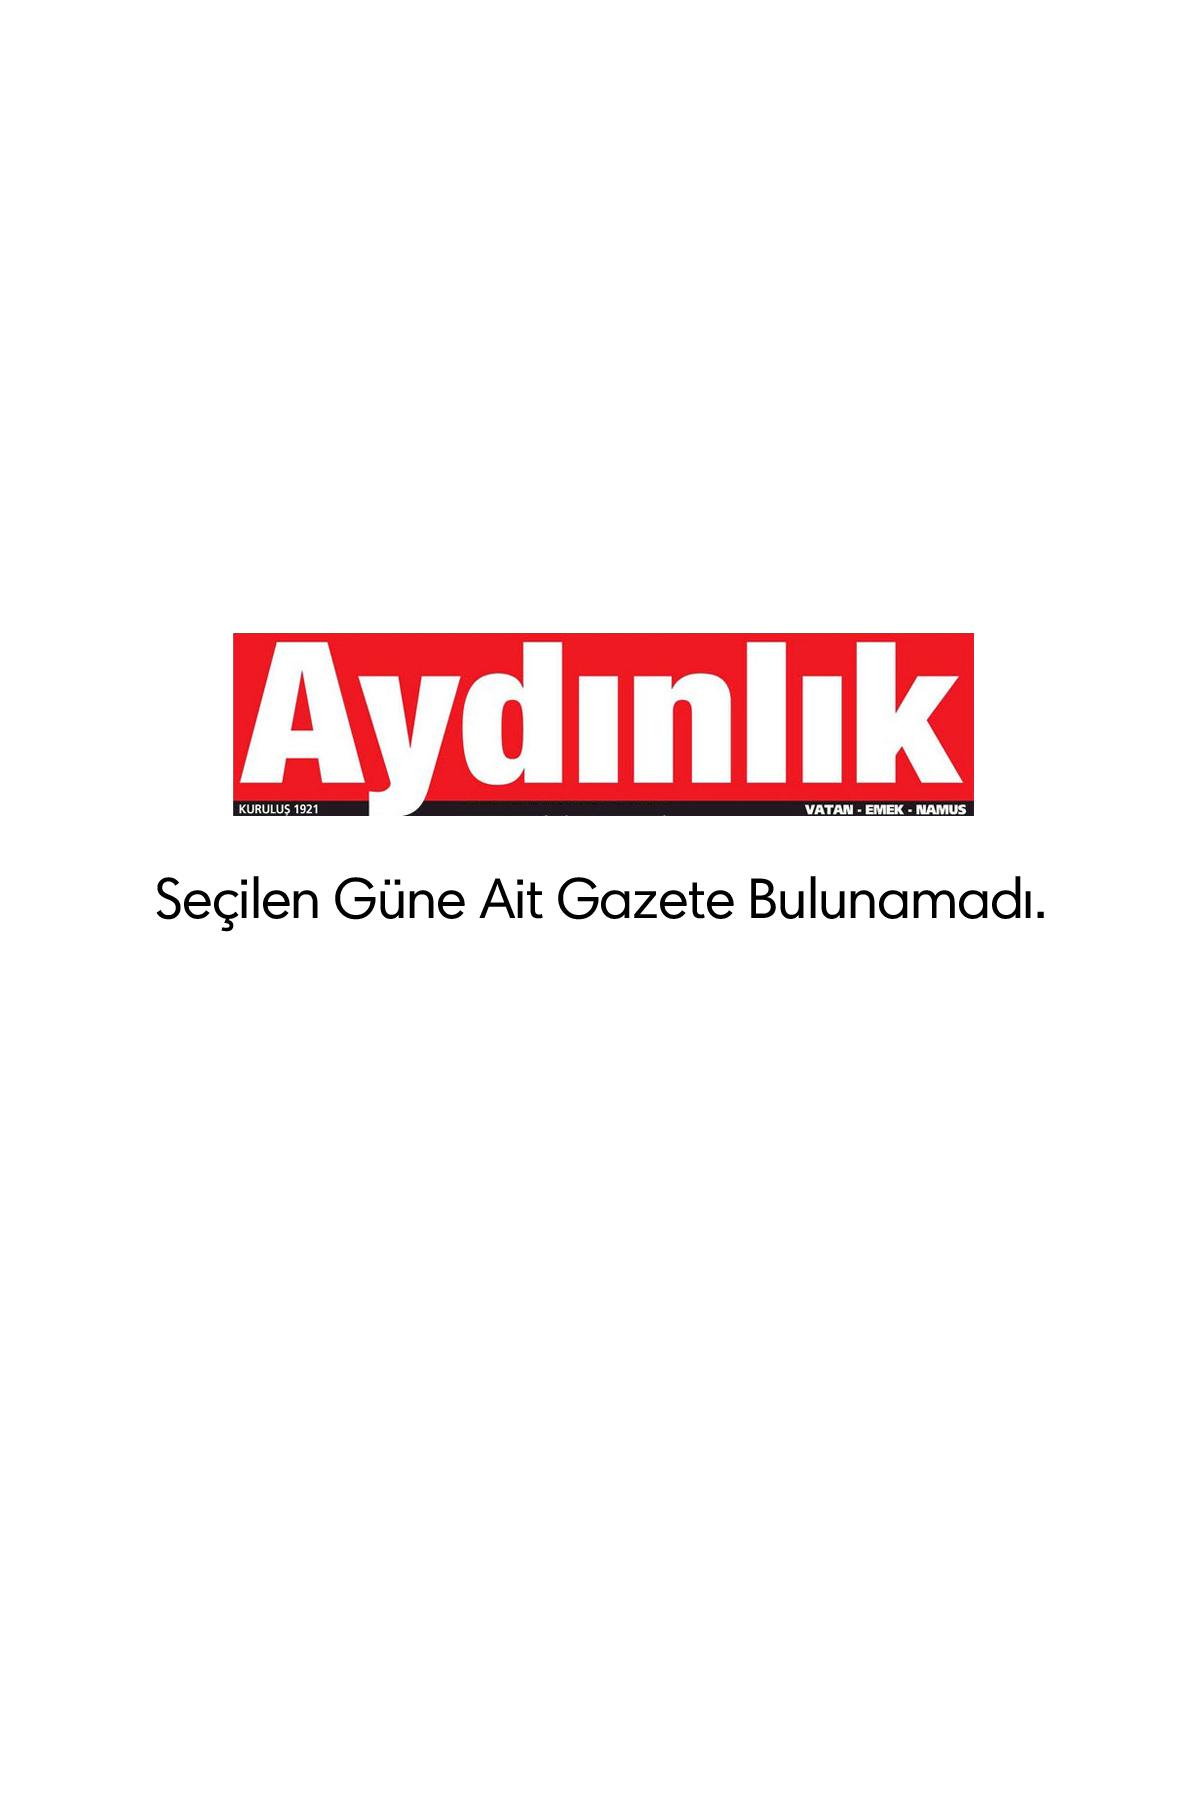 Aydınlık Gazetesi Manşeti